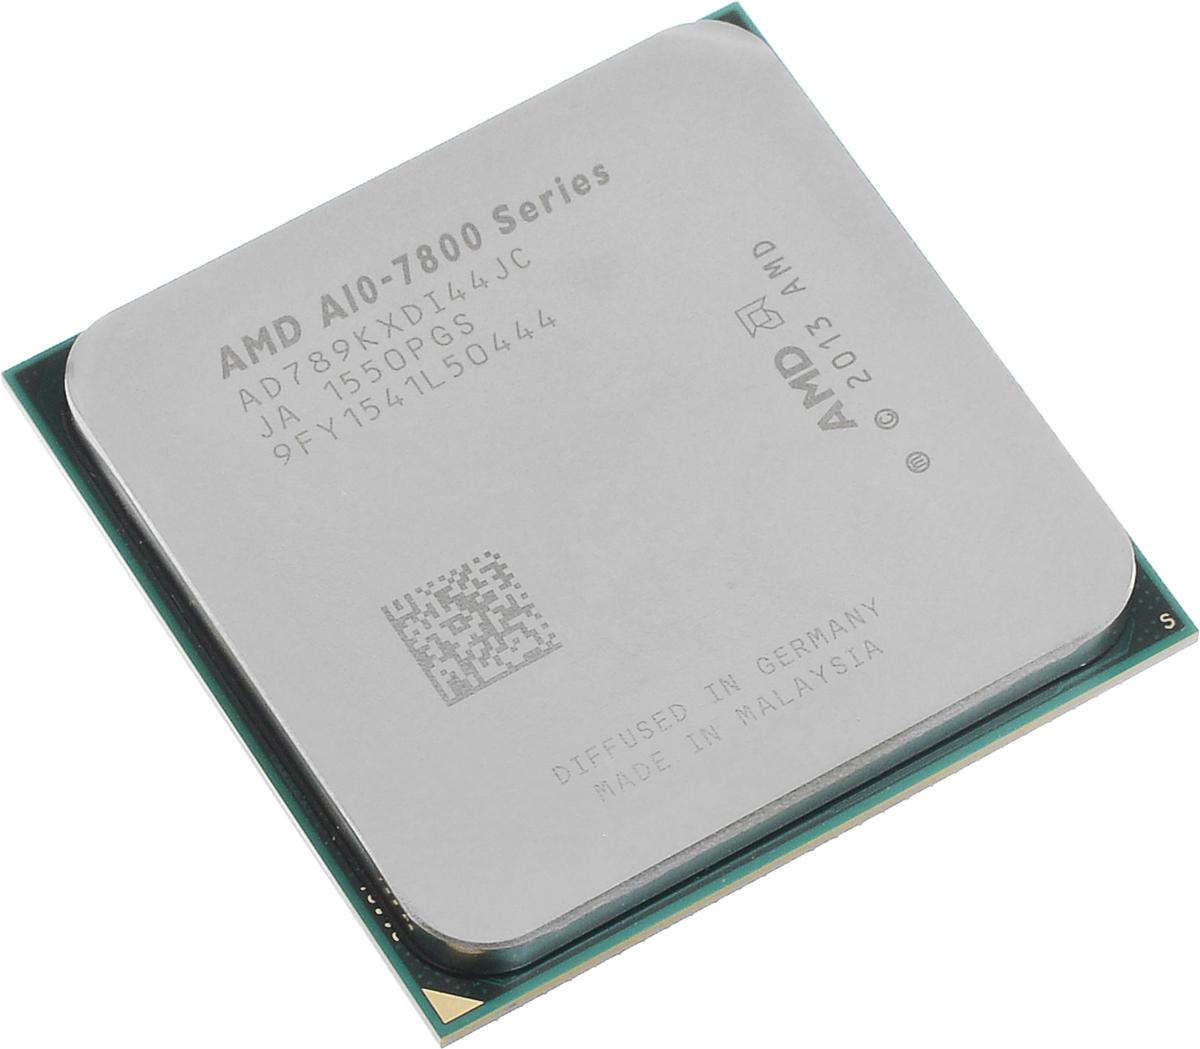 AMD A10-7890K процессор (AD789KXDI44JC)AD789KXDI44JCПроцессор AMD A10-7890K со встроенным видеоядром Radeon R7 подойдет для настольных персональных компьютеров, основанных на платформе AMD. Данная модель имеет разблокированный множитель, а также встроенный двухканальный контроллер памяти DDR3.Как собрать игровой компьютер. Статья OZON Гид